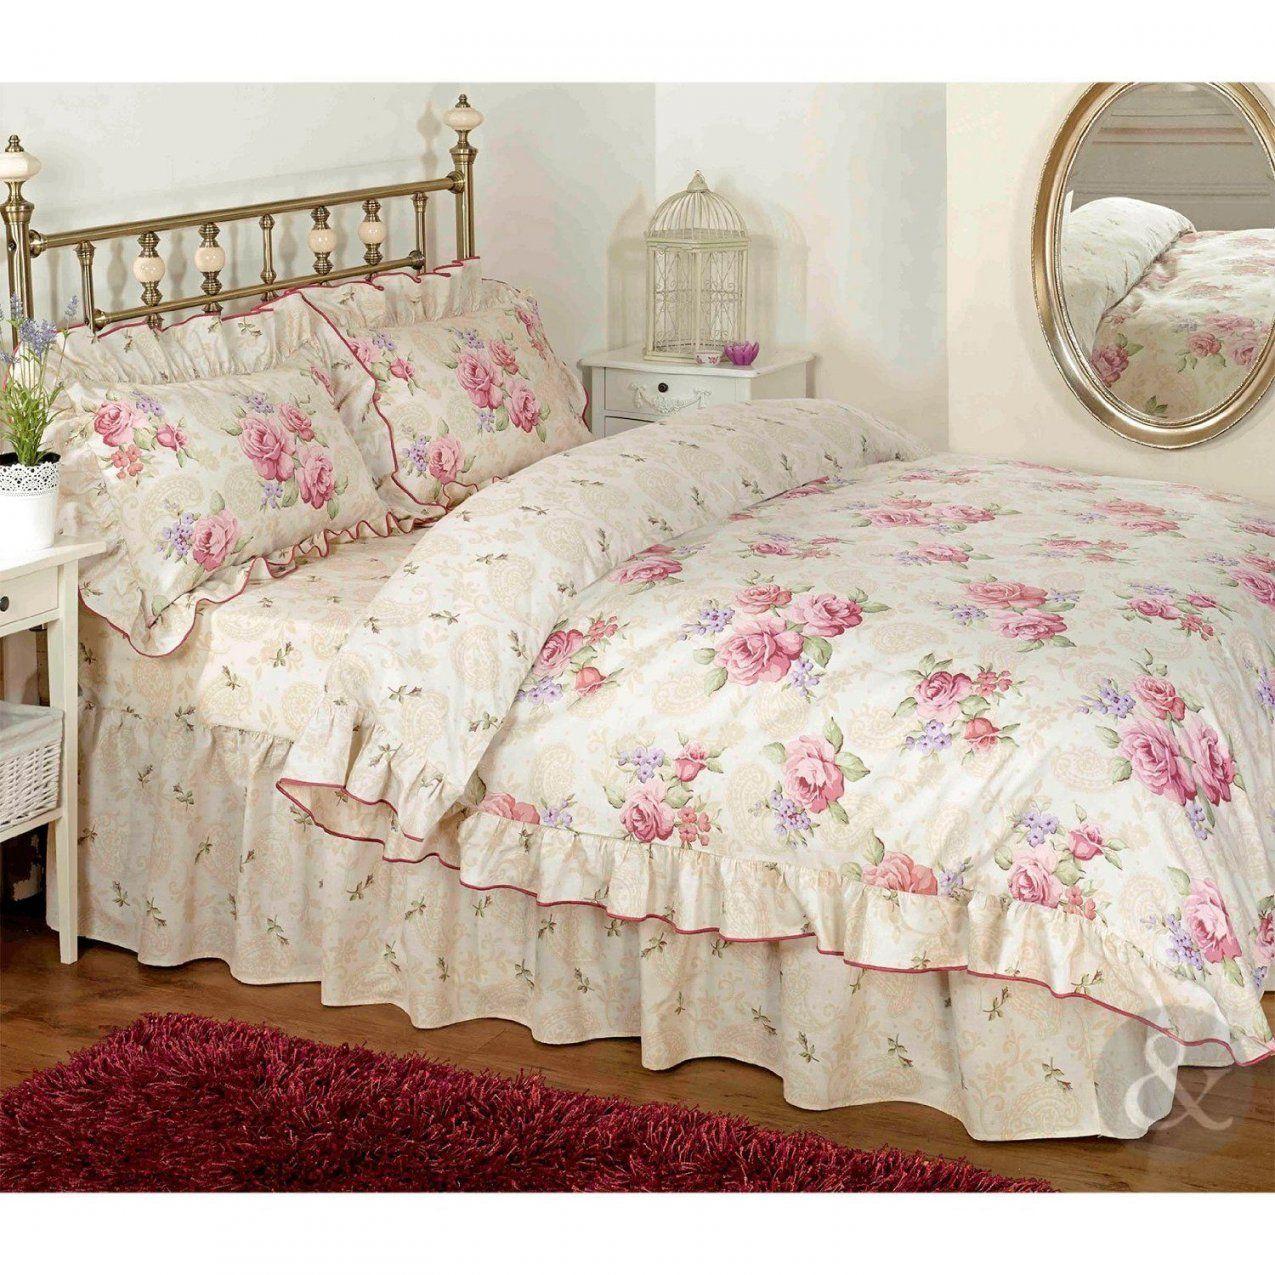 Vintage Floral Rüschen Bettwäsche Creme Beige Rosa Bettwäsche Set von Shabby Chic Bettwäsche Photo